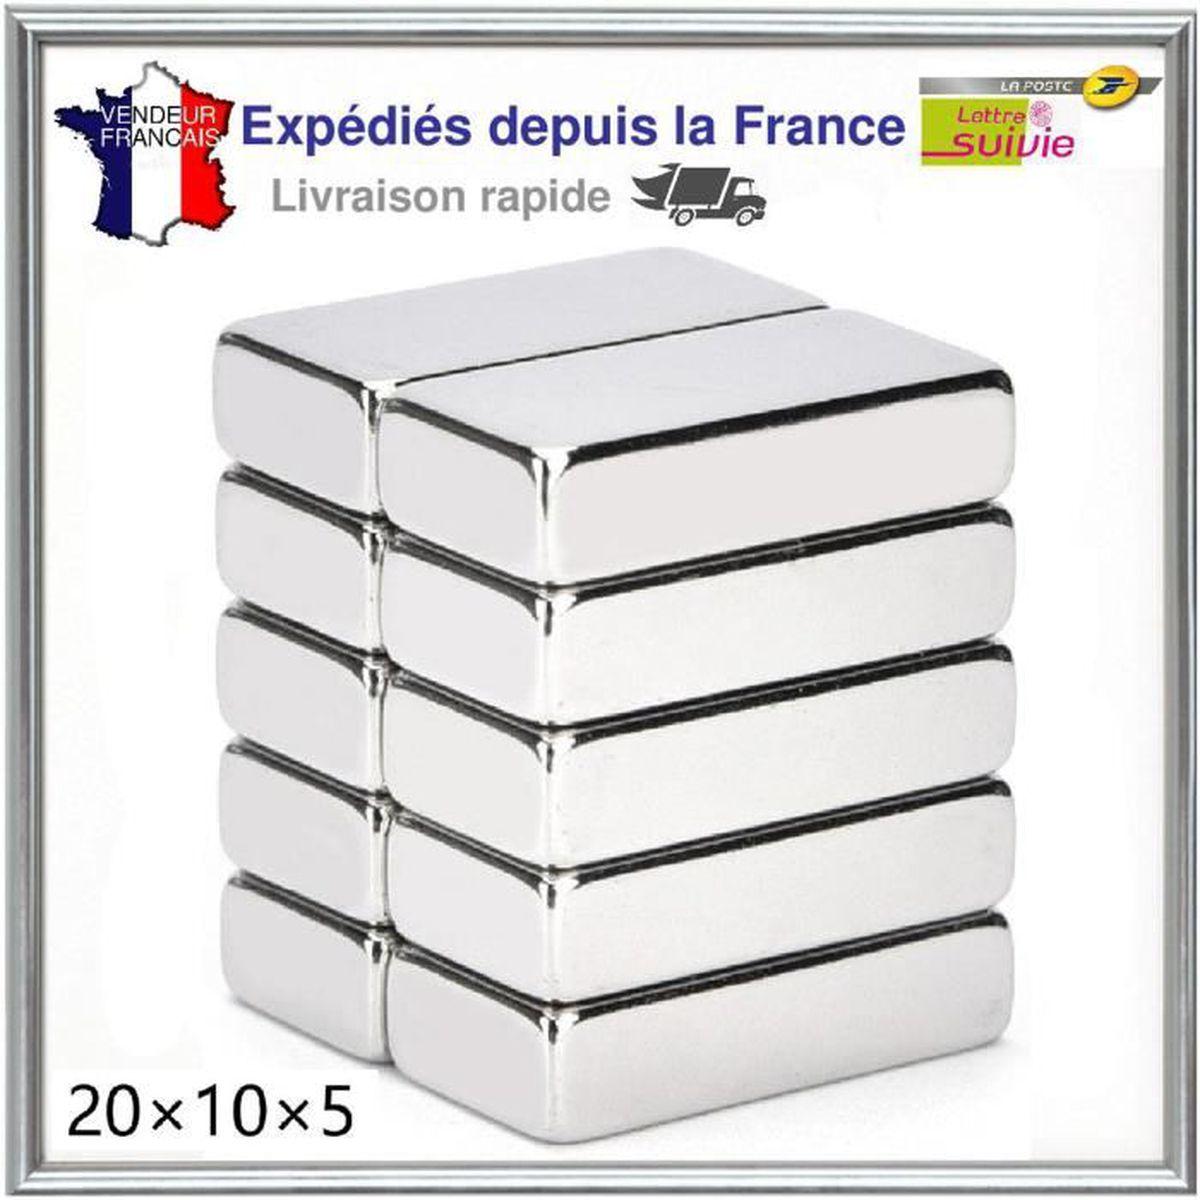 Lot Aimant Puissants Néodyme 20X10X5mm NdFeB N52 Force 4kg//aimant Magnetique